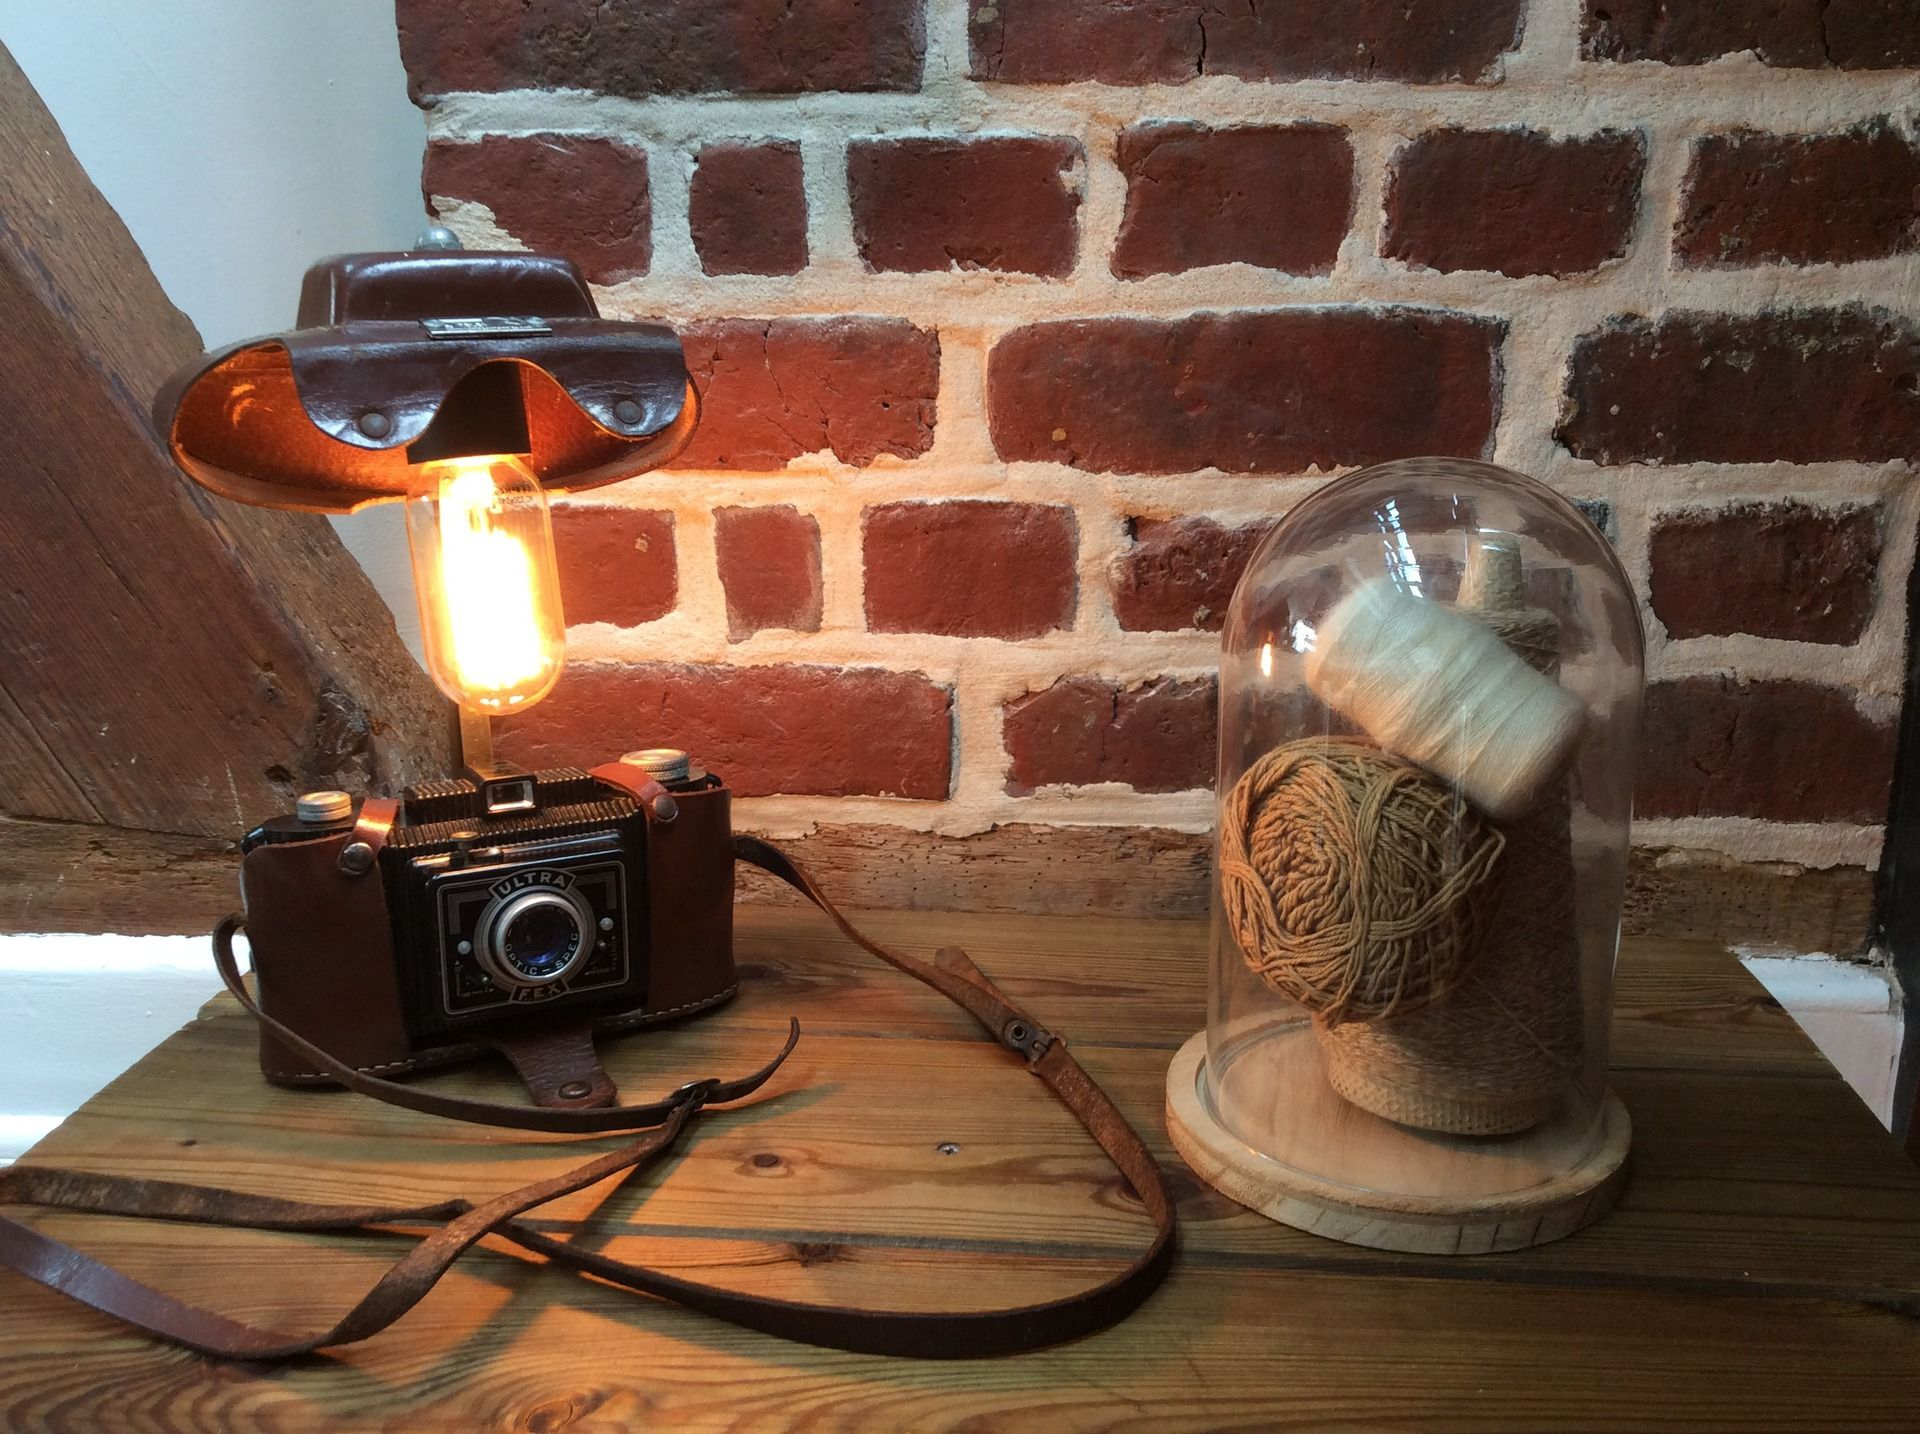 Lampe orignale deco ancien appareil photo vintage deco loft : Luminaires par lampesoriginales